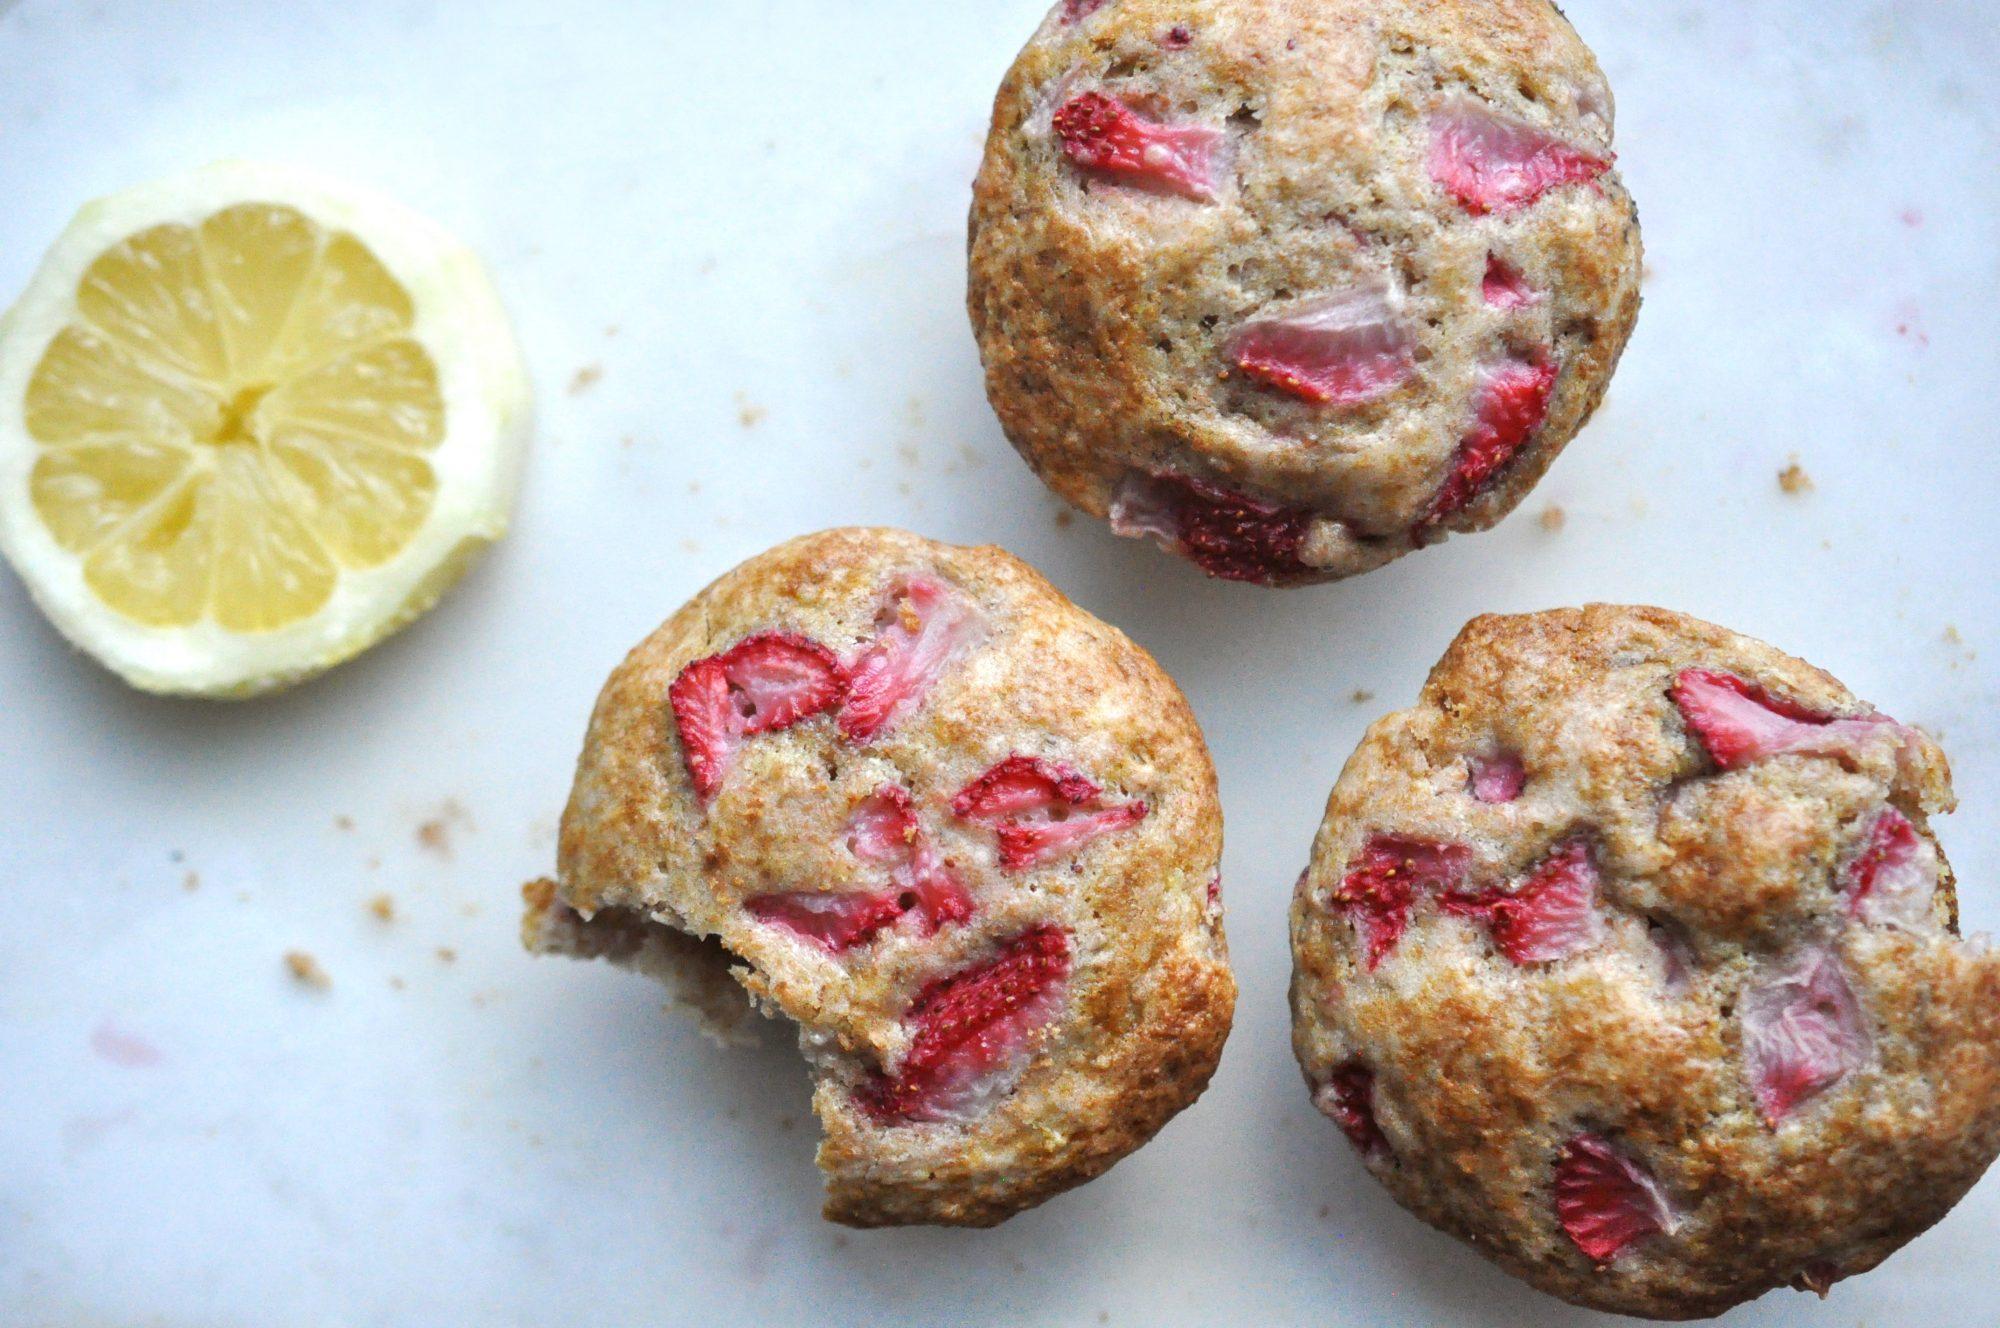 tmr-muffins16.jpg